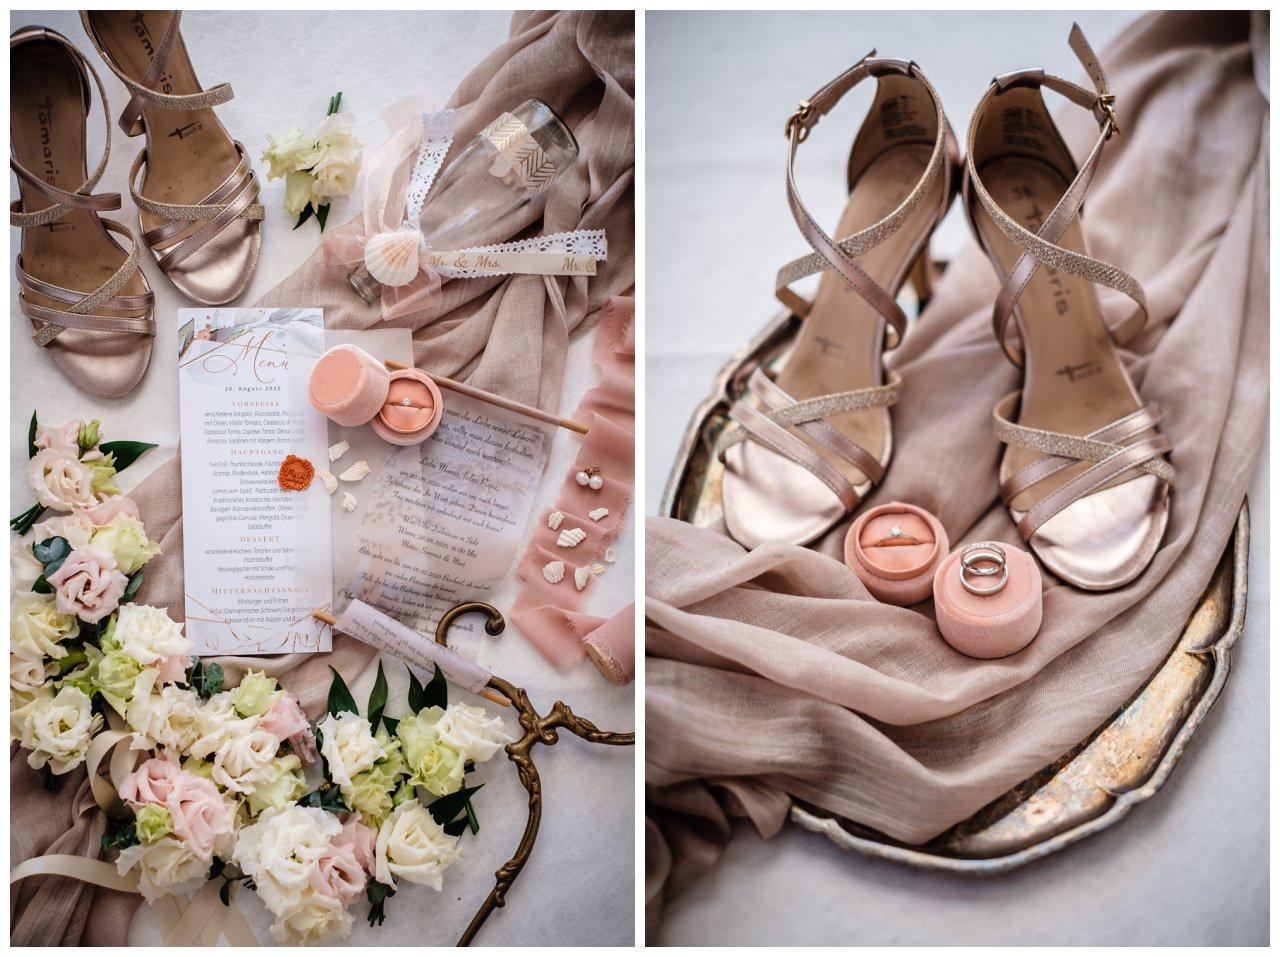 Hochzeit kroatien heiraten split ausland hochzeitsfotograf 4 - Freie Trauung in Kroatien